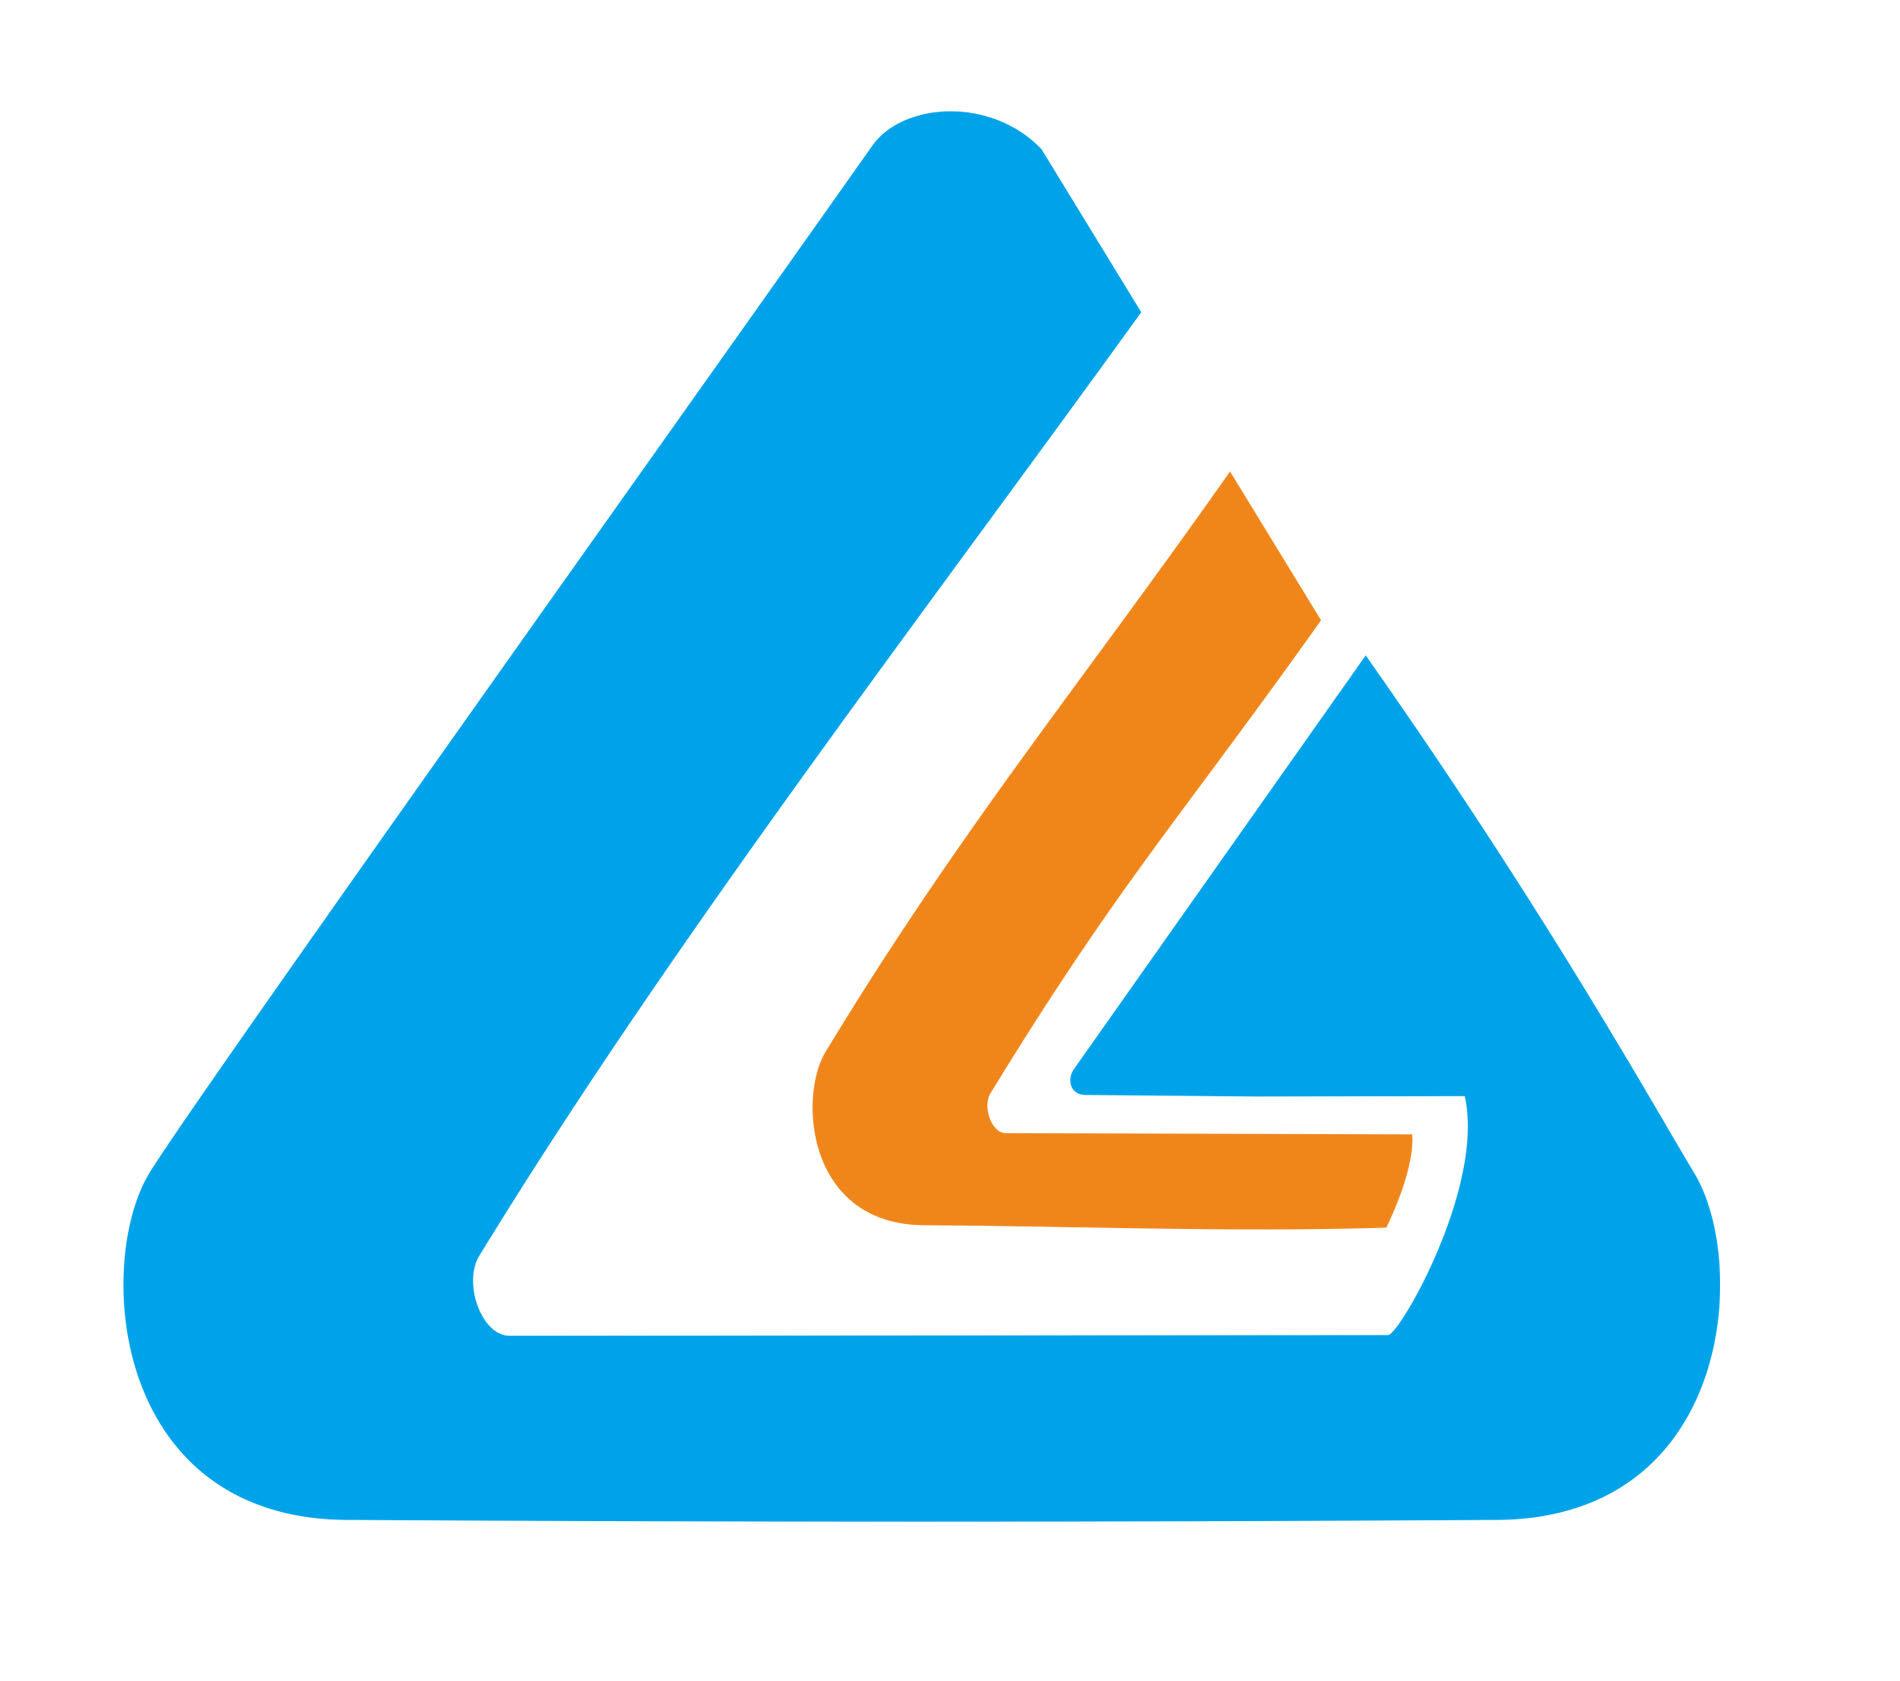 logo 标识 标志 设计 矢量 矢量图 素材 图标 1900_1681